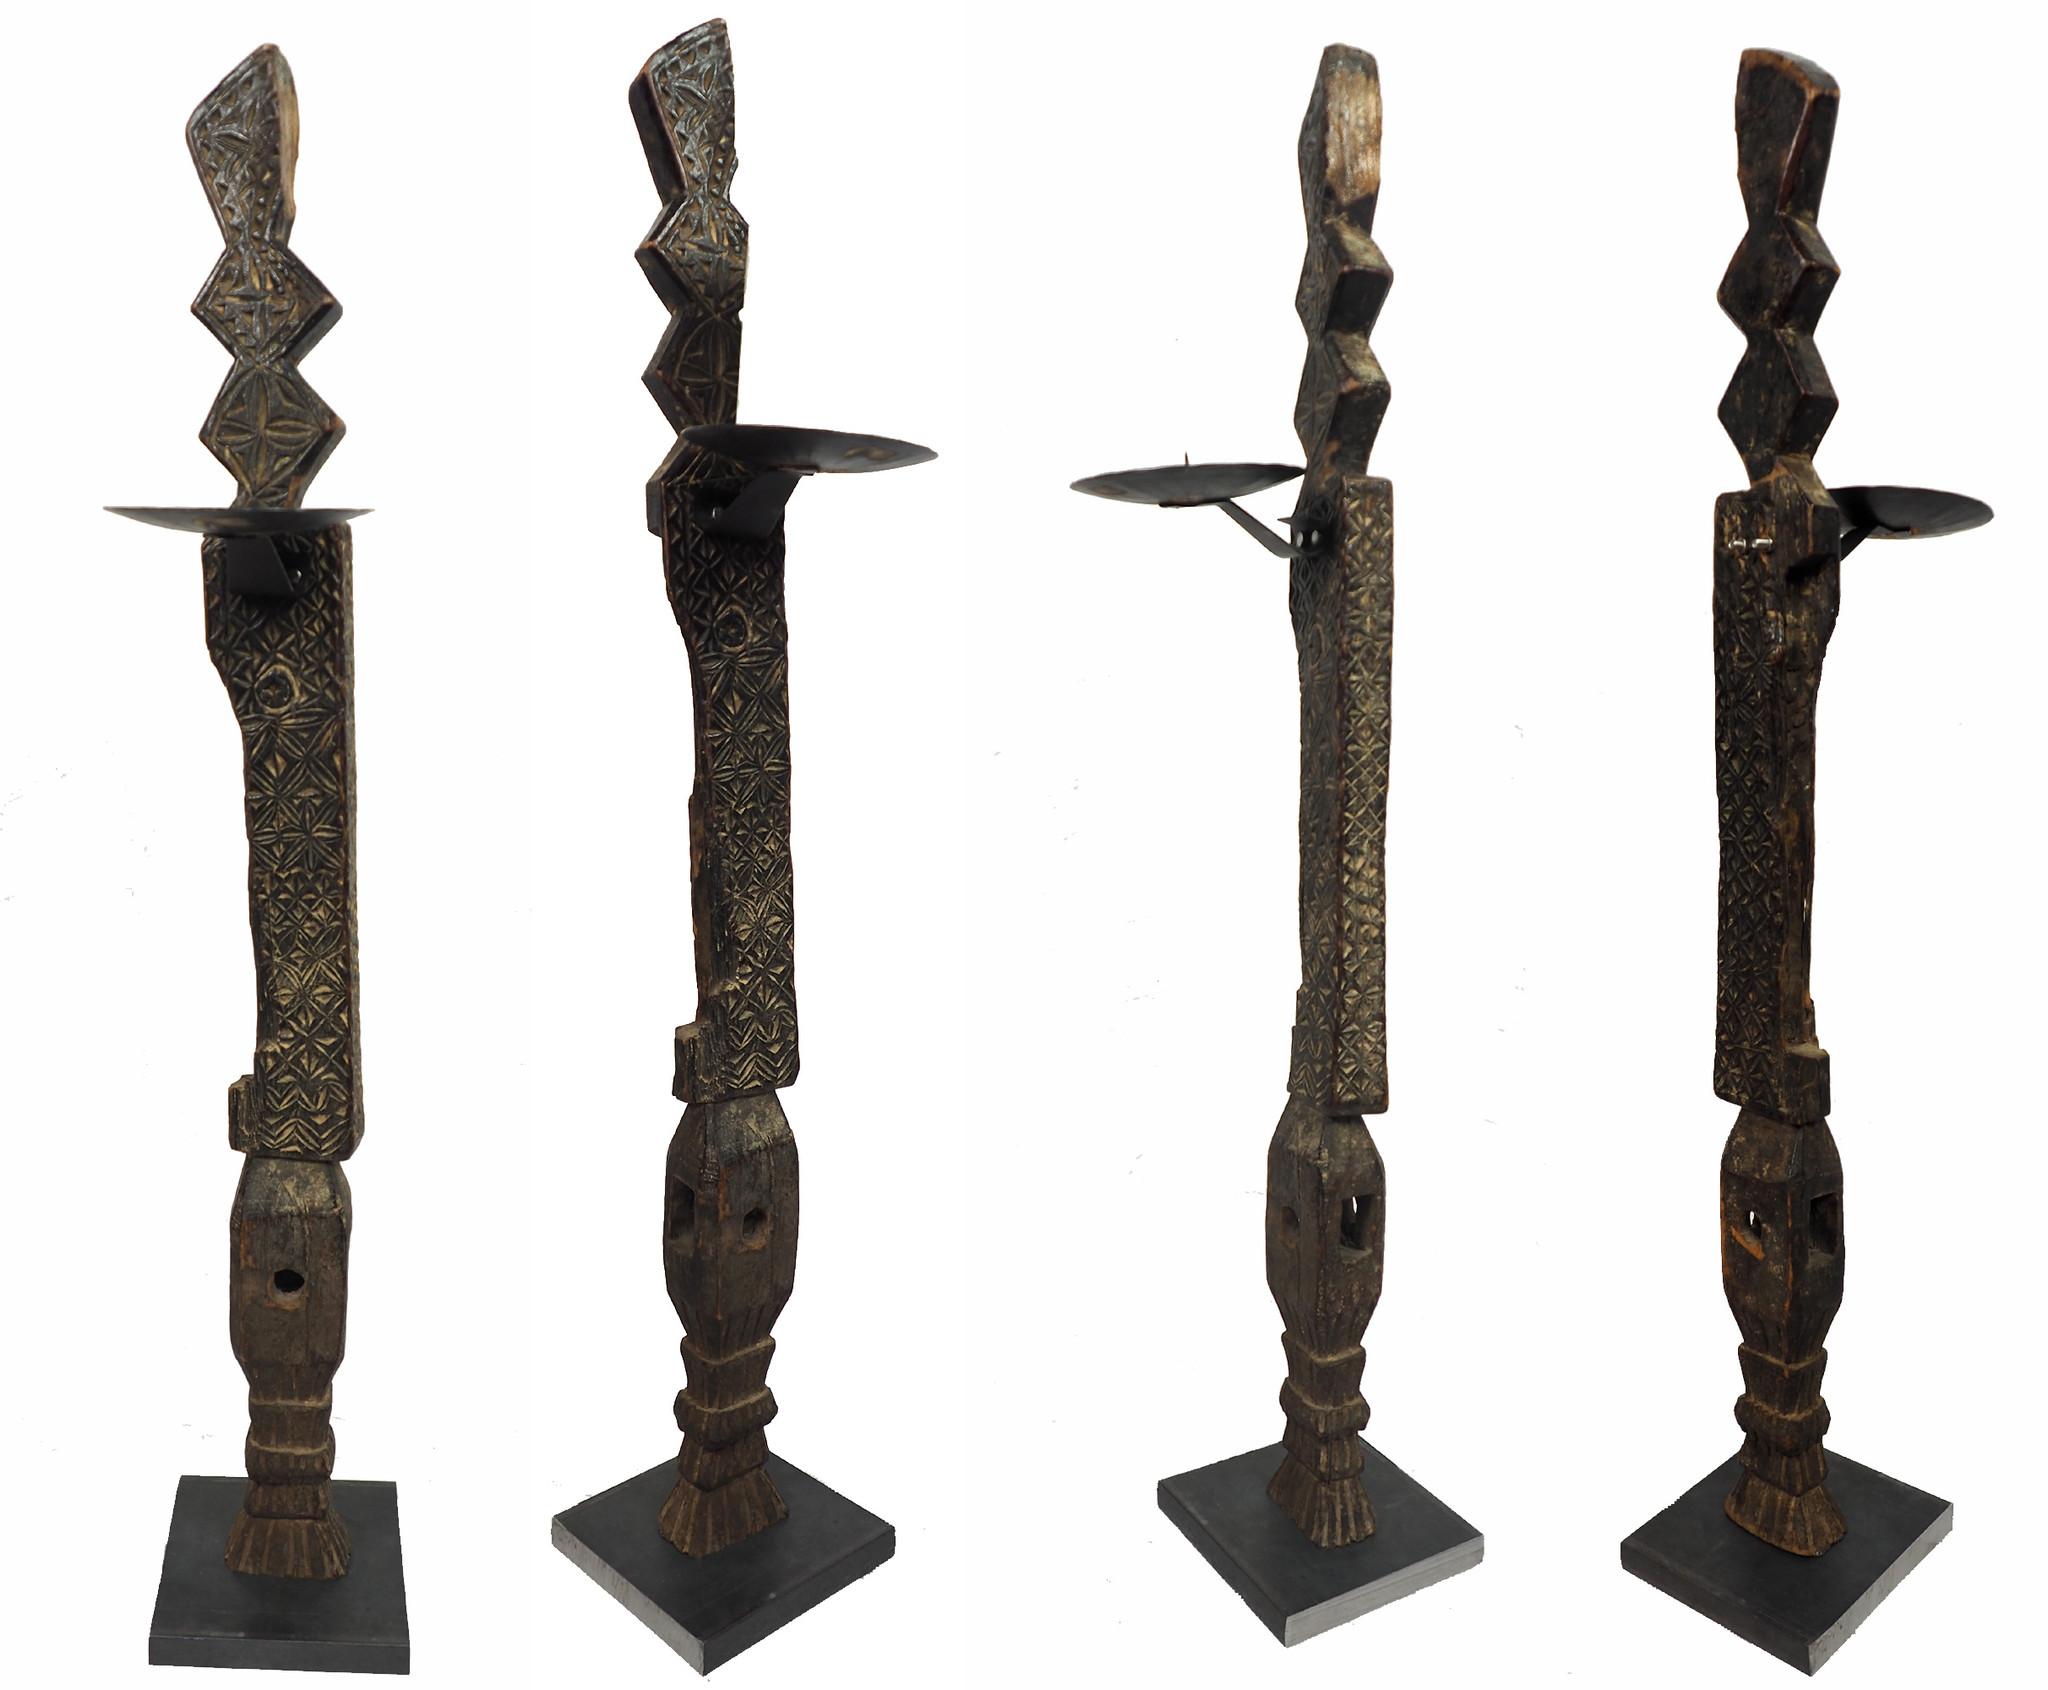 antik orient handgeschnitzte Massiv Holz Kerzenstände aus eine Nuristan holzstuhl bein Afghanistan Pakistan Swat-Valley 18/19 Jh. Nr:B